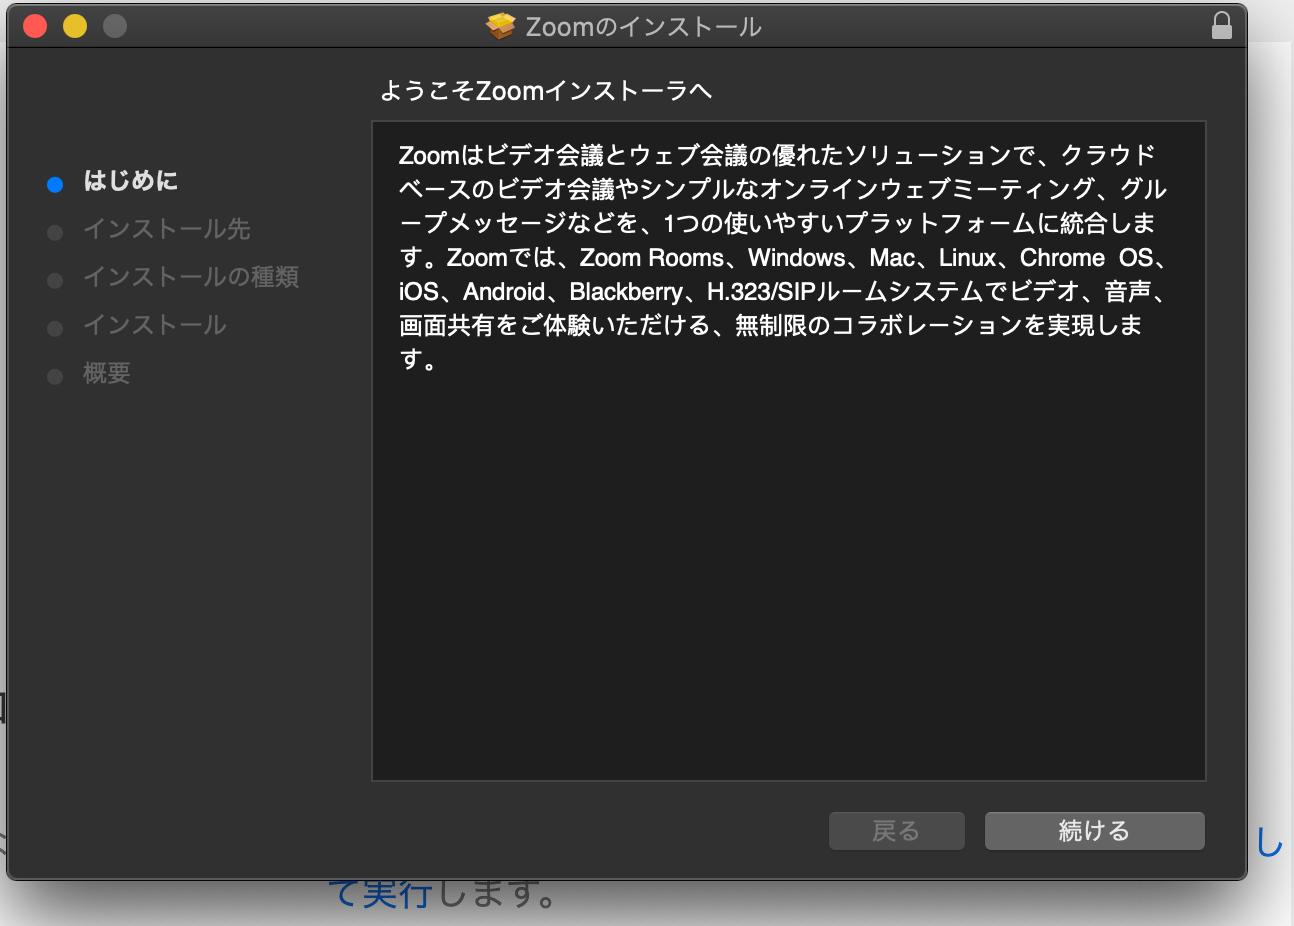 スクリーンショット 2020-04-04 20.14.31.png